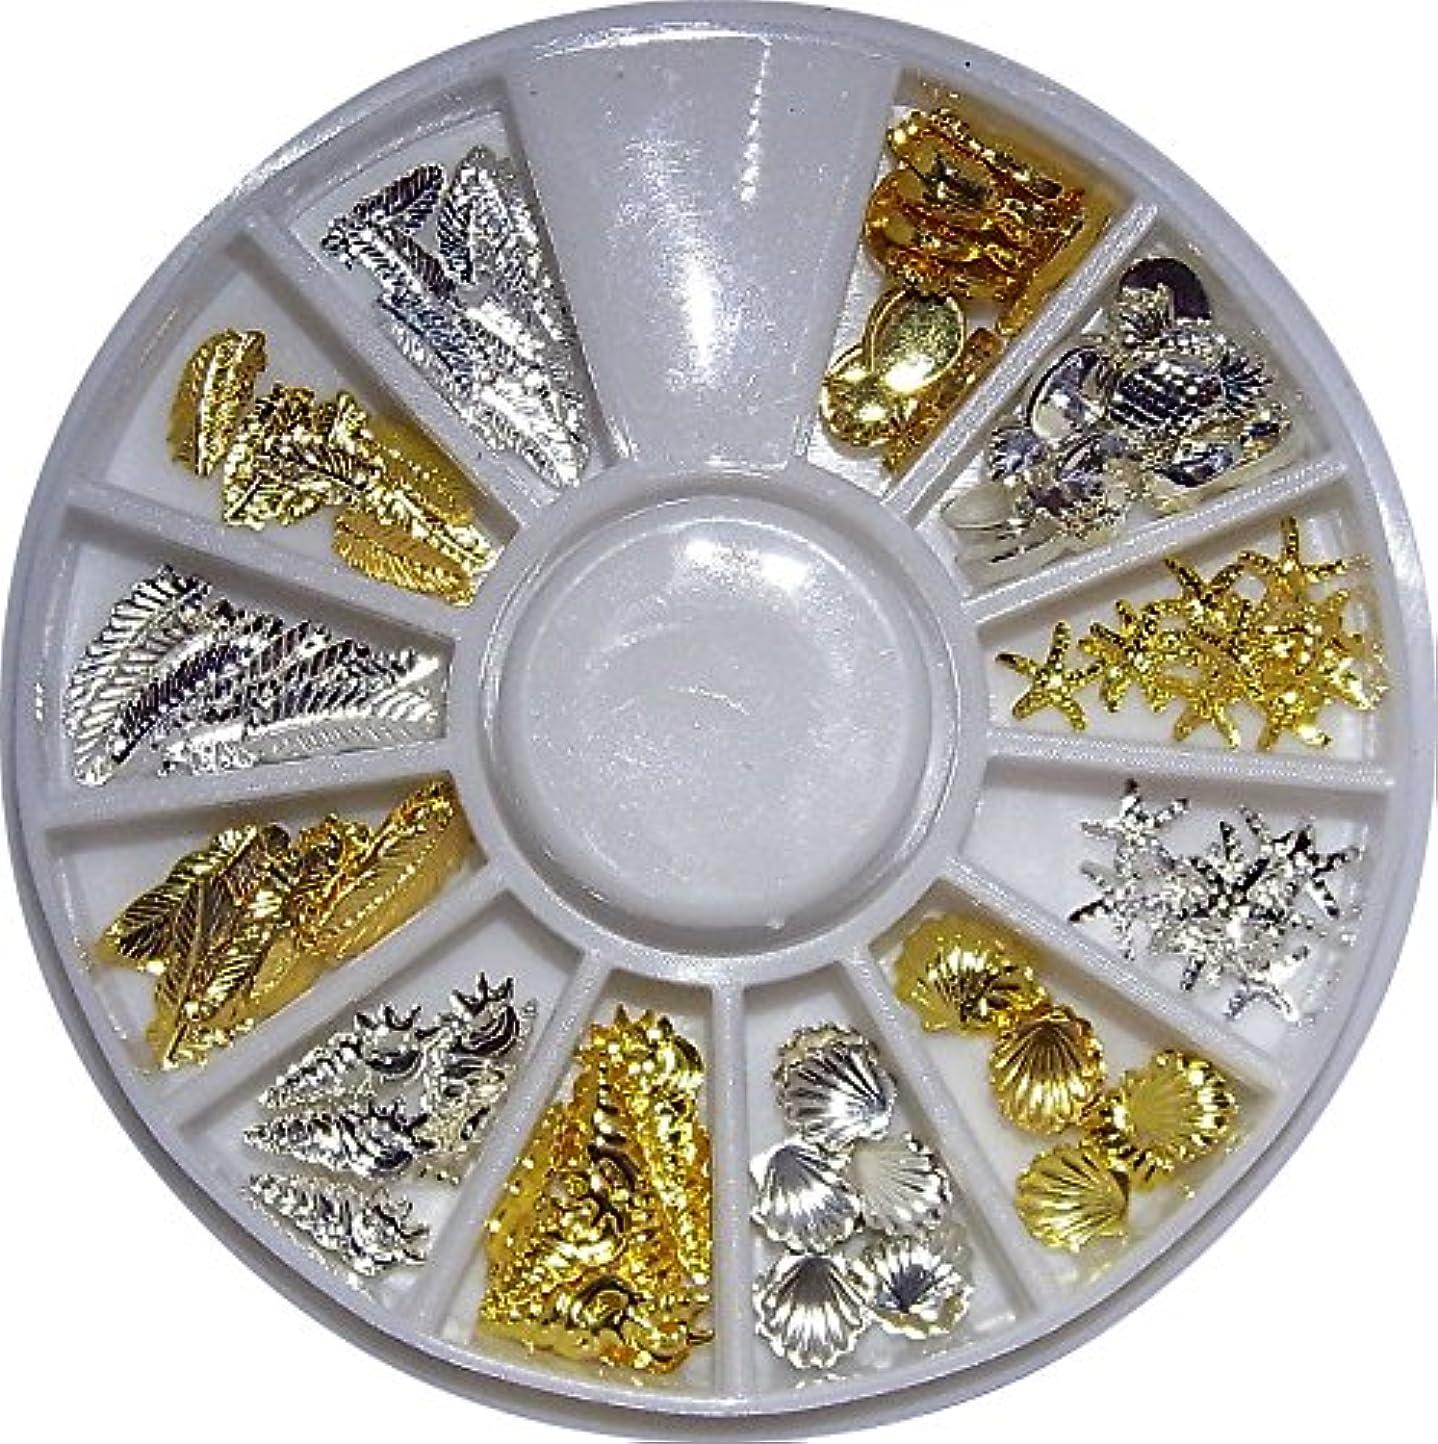 特権的オリエンテーションテメリティ【jewel】hk9 マリンパーツ ゴールド&シルバー サマーネイル レジン用メタルパーツ 各種10個入り